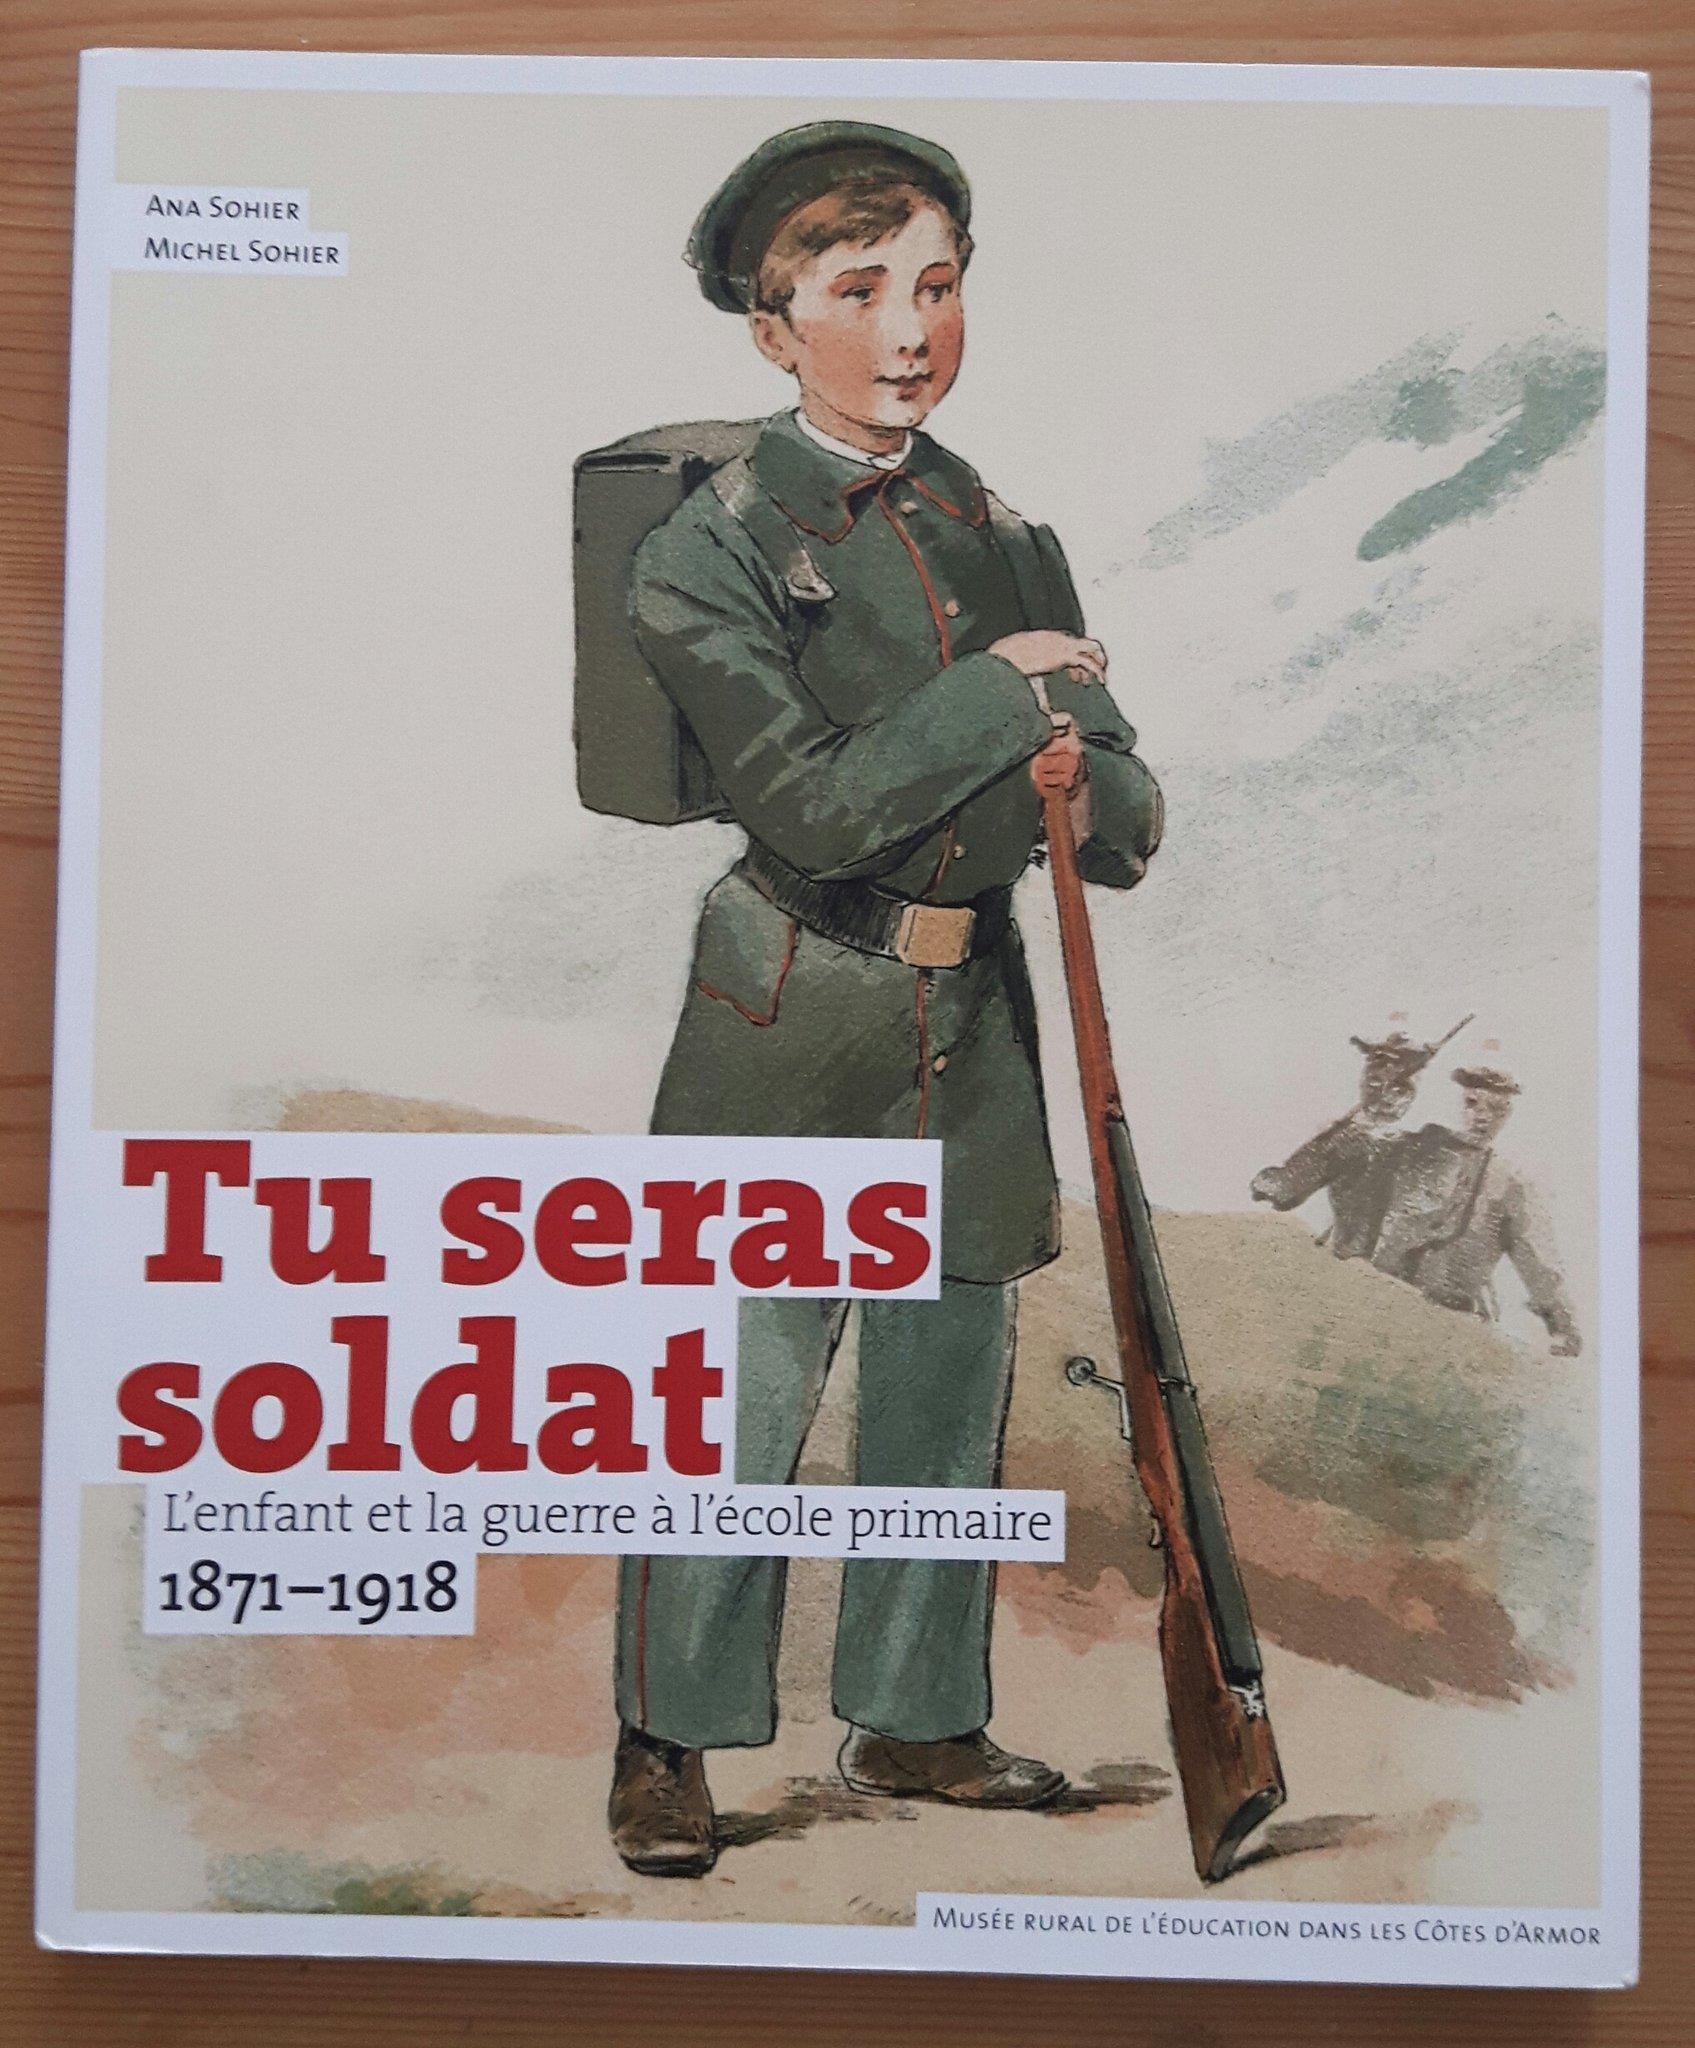 A. & M. Sohier, Tu seras soldat. L'enfant et la guerre à l'école primaire, 1871-1918 #VendrediLecture #VendredHIST https://t.co/meIuUTKnC5